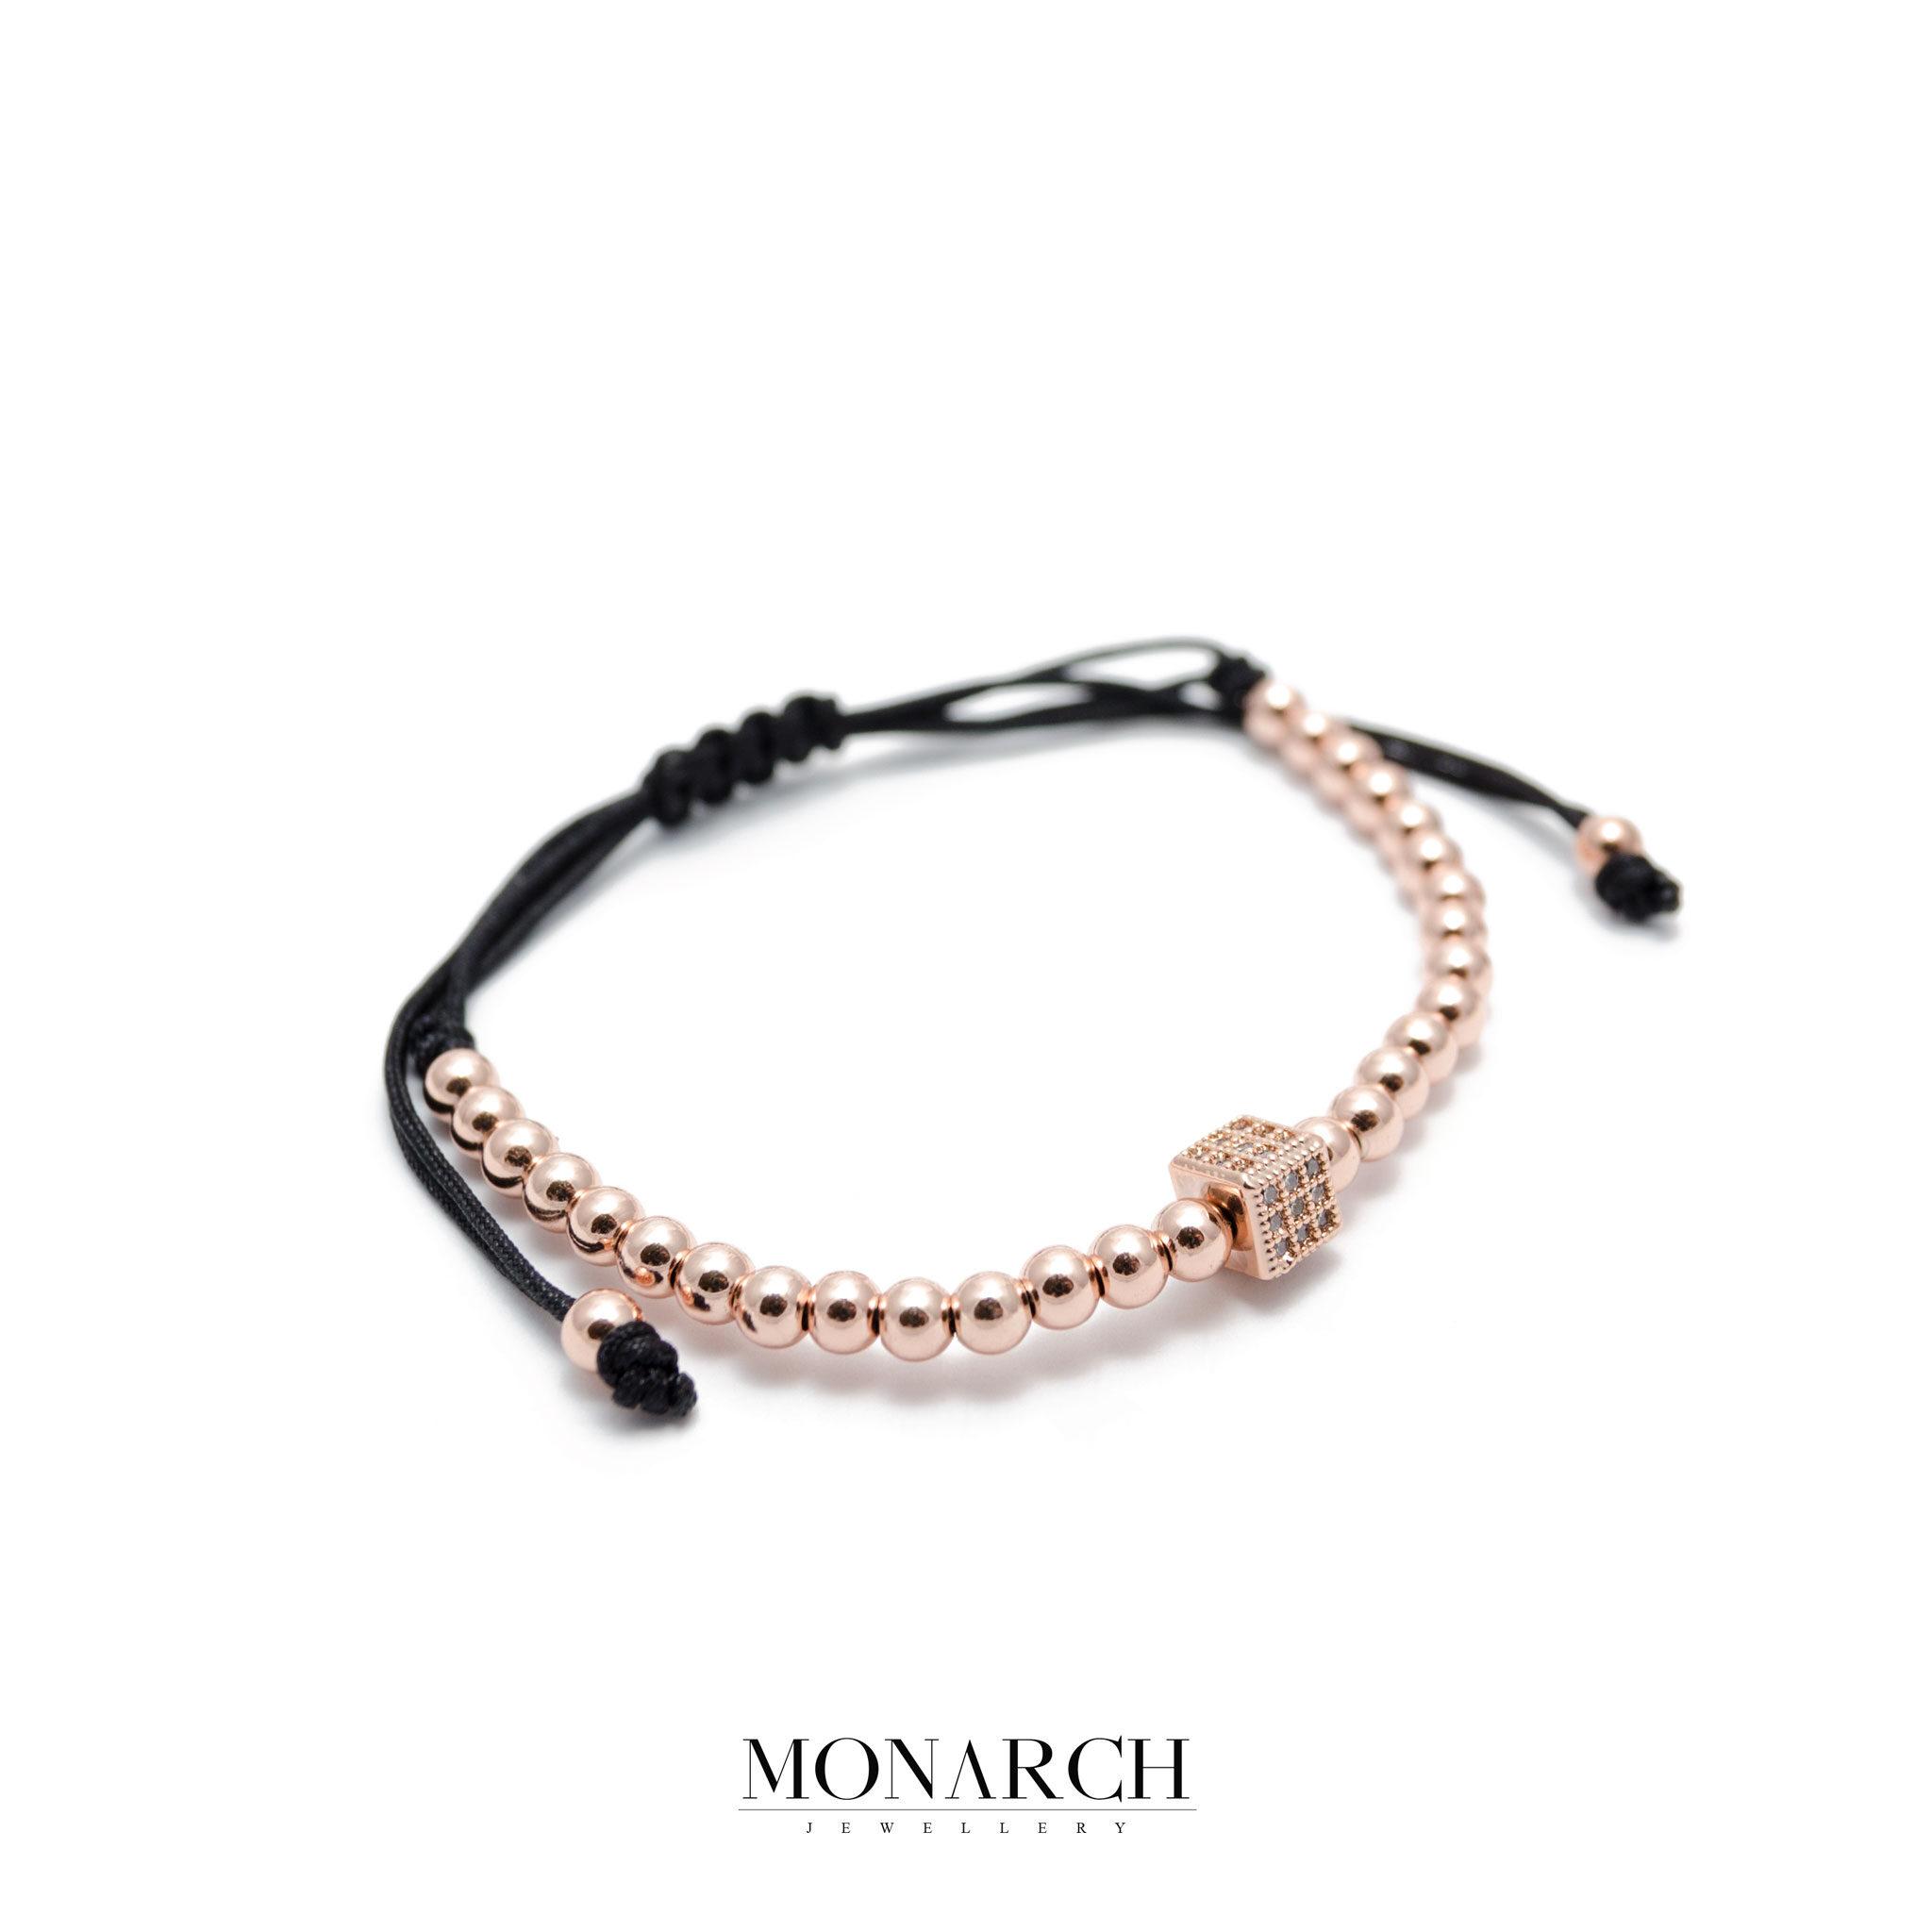 Monarch Jewellery 24K Gold Rose Cube Luxury Macrame Bracelet